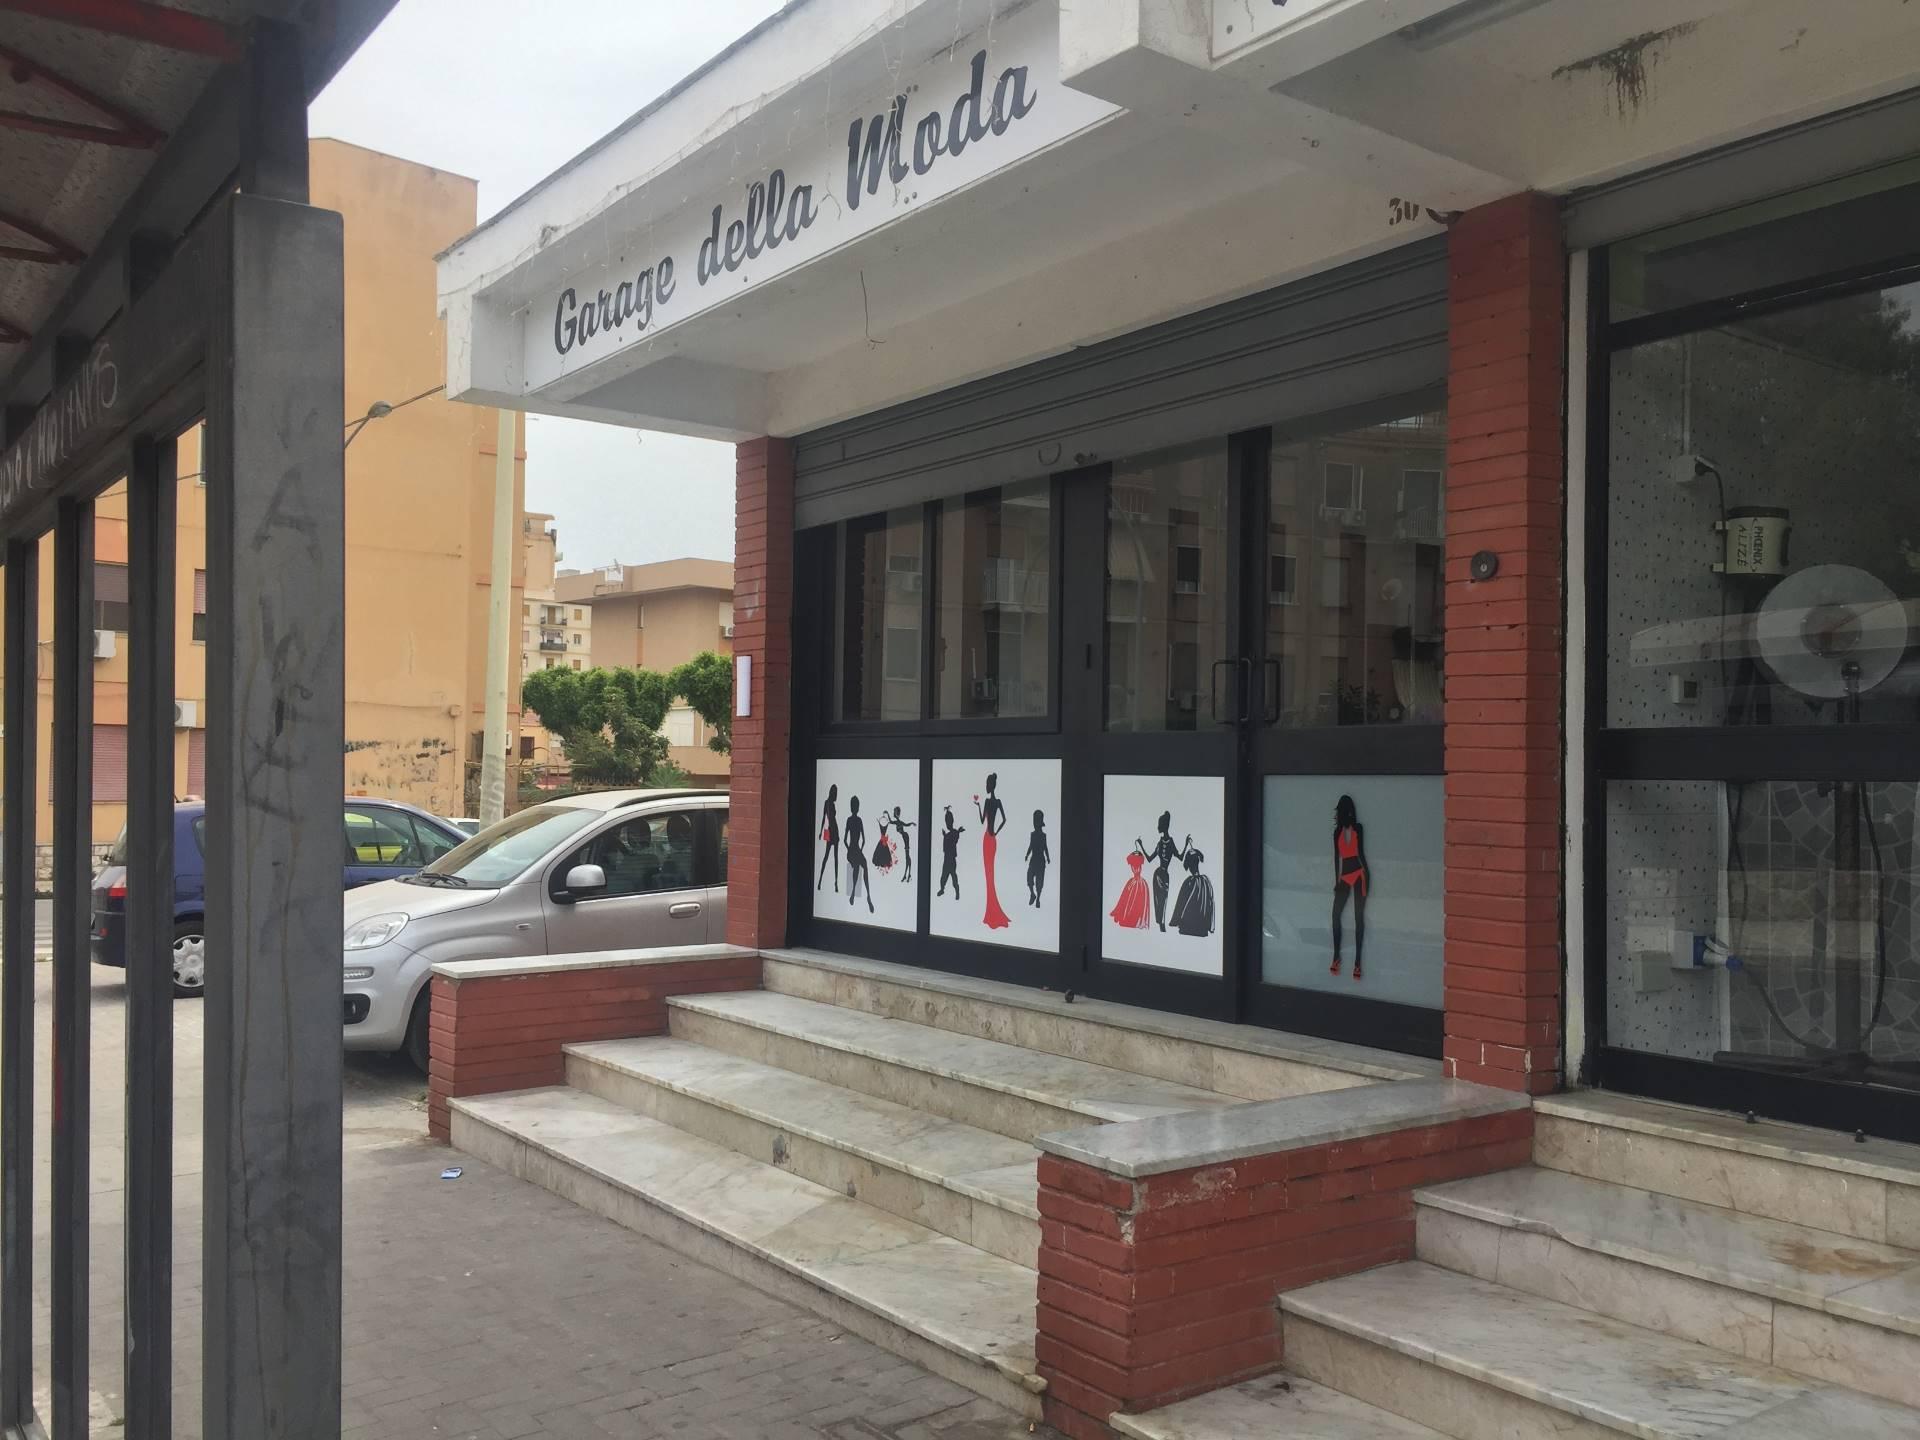 Negozio / Locale in vendita a Palermo, 9999 locali, zona Zona: Zisa, prezzo € 50.000 | CambioCasa.it